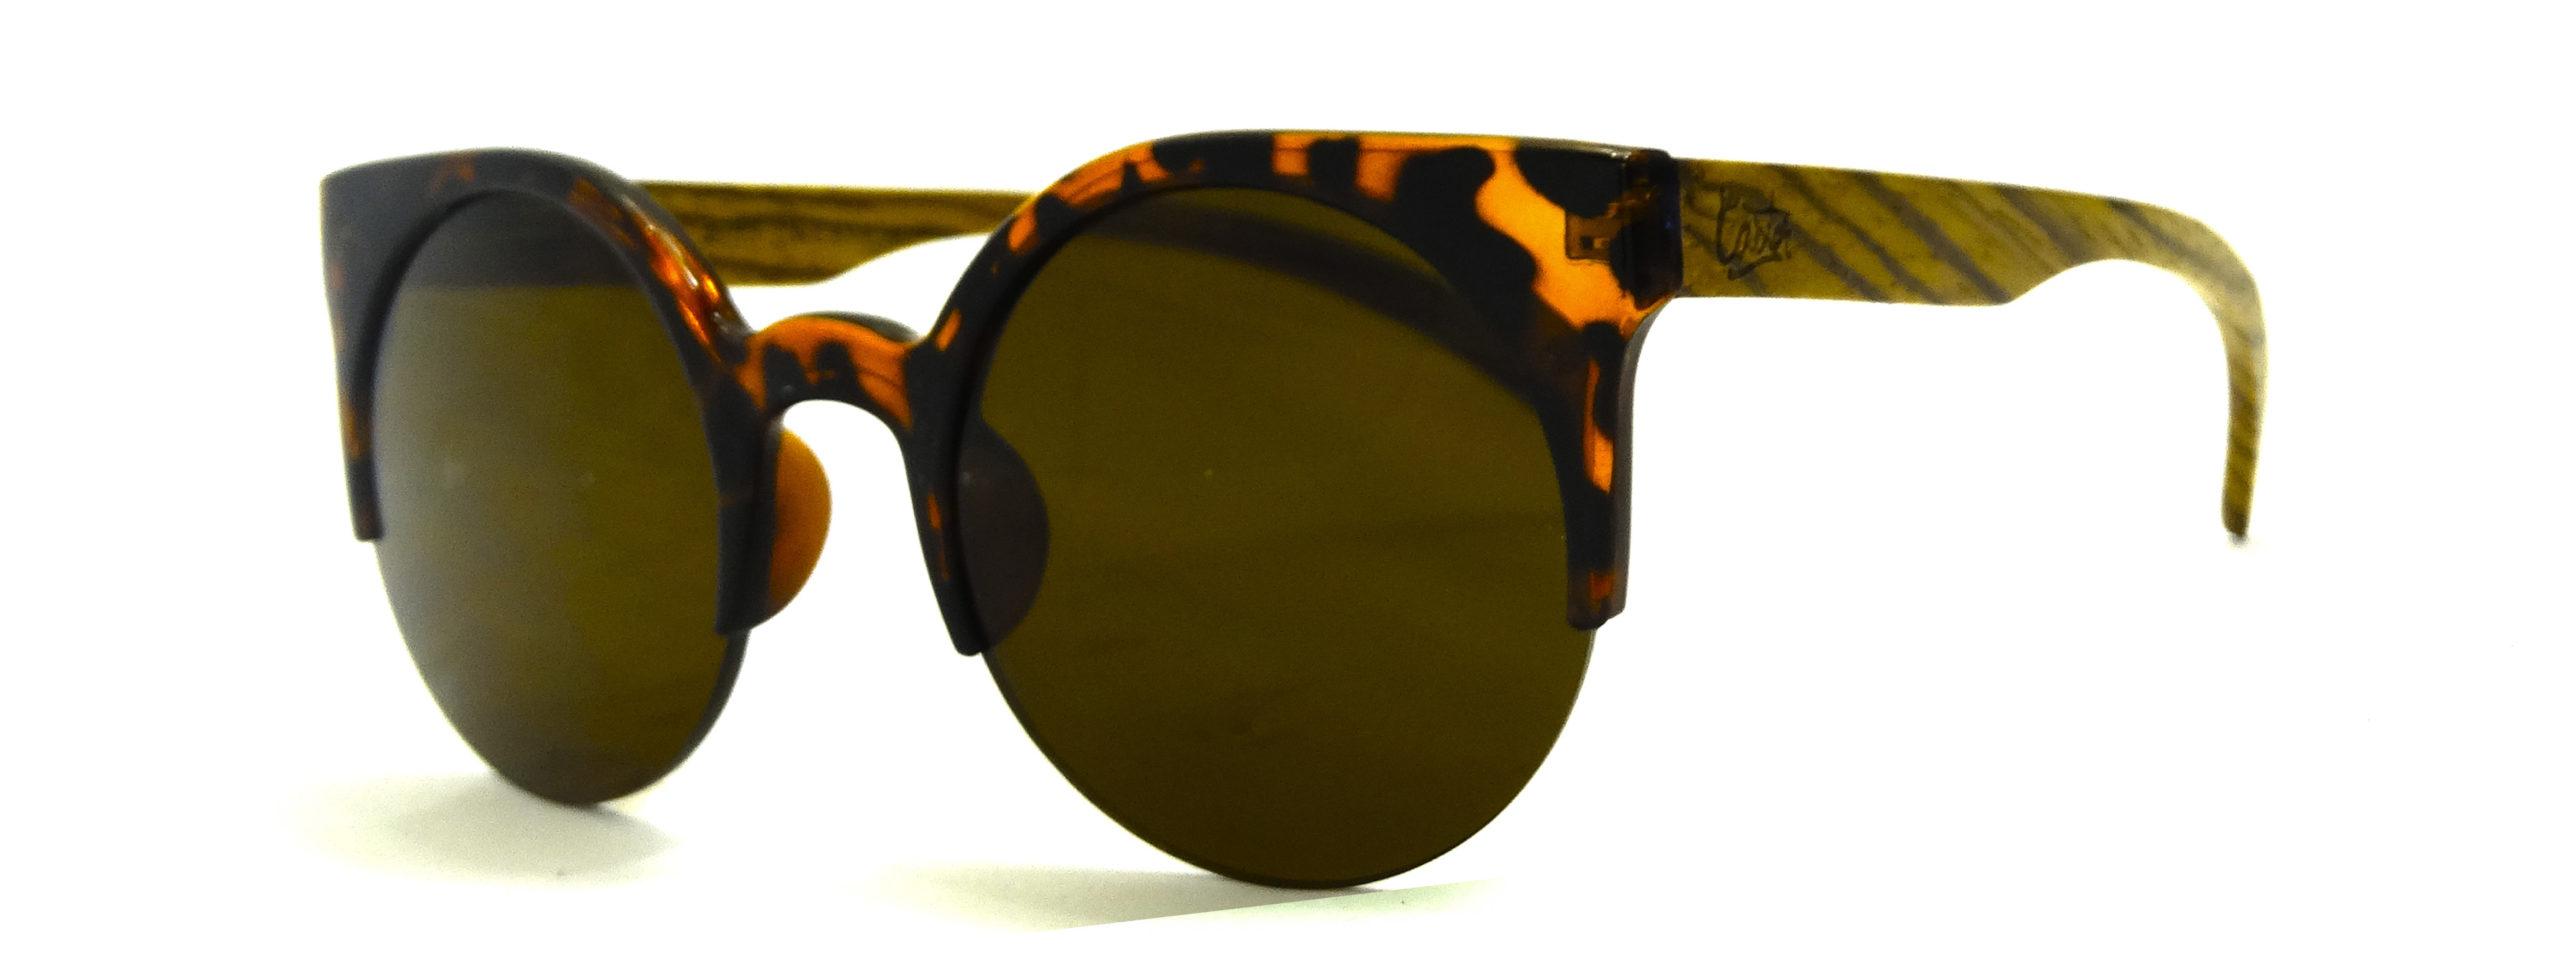 f52310e9-58b-gafas-de-sol